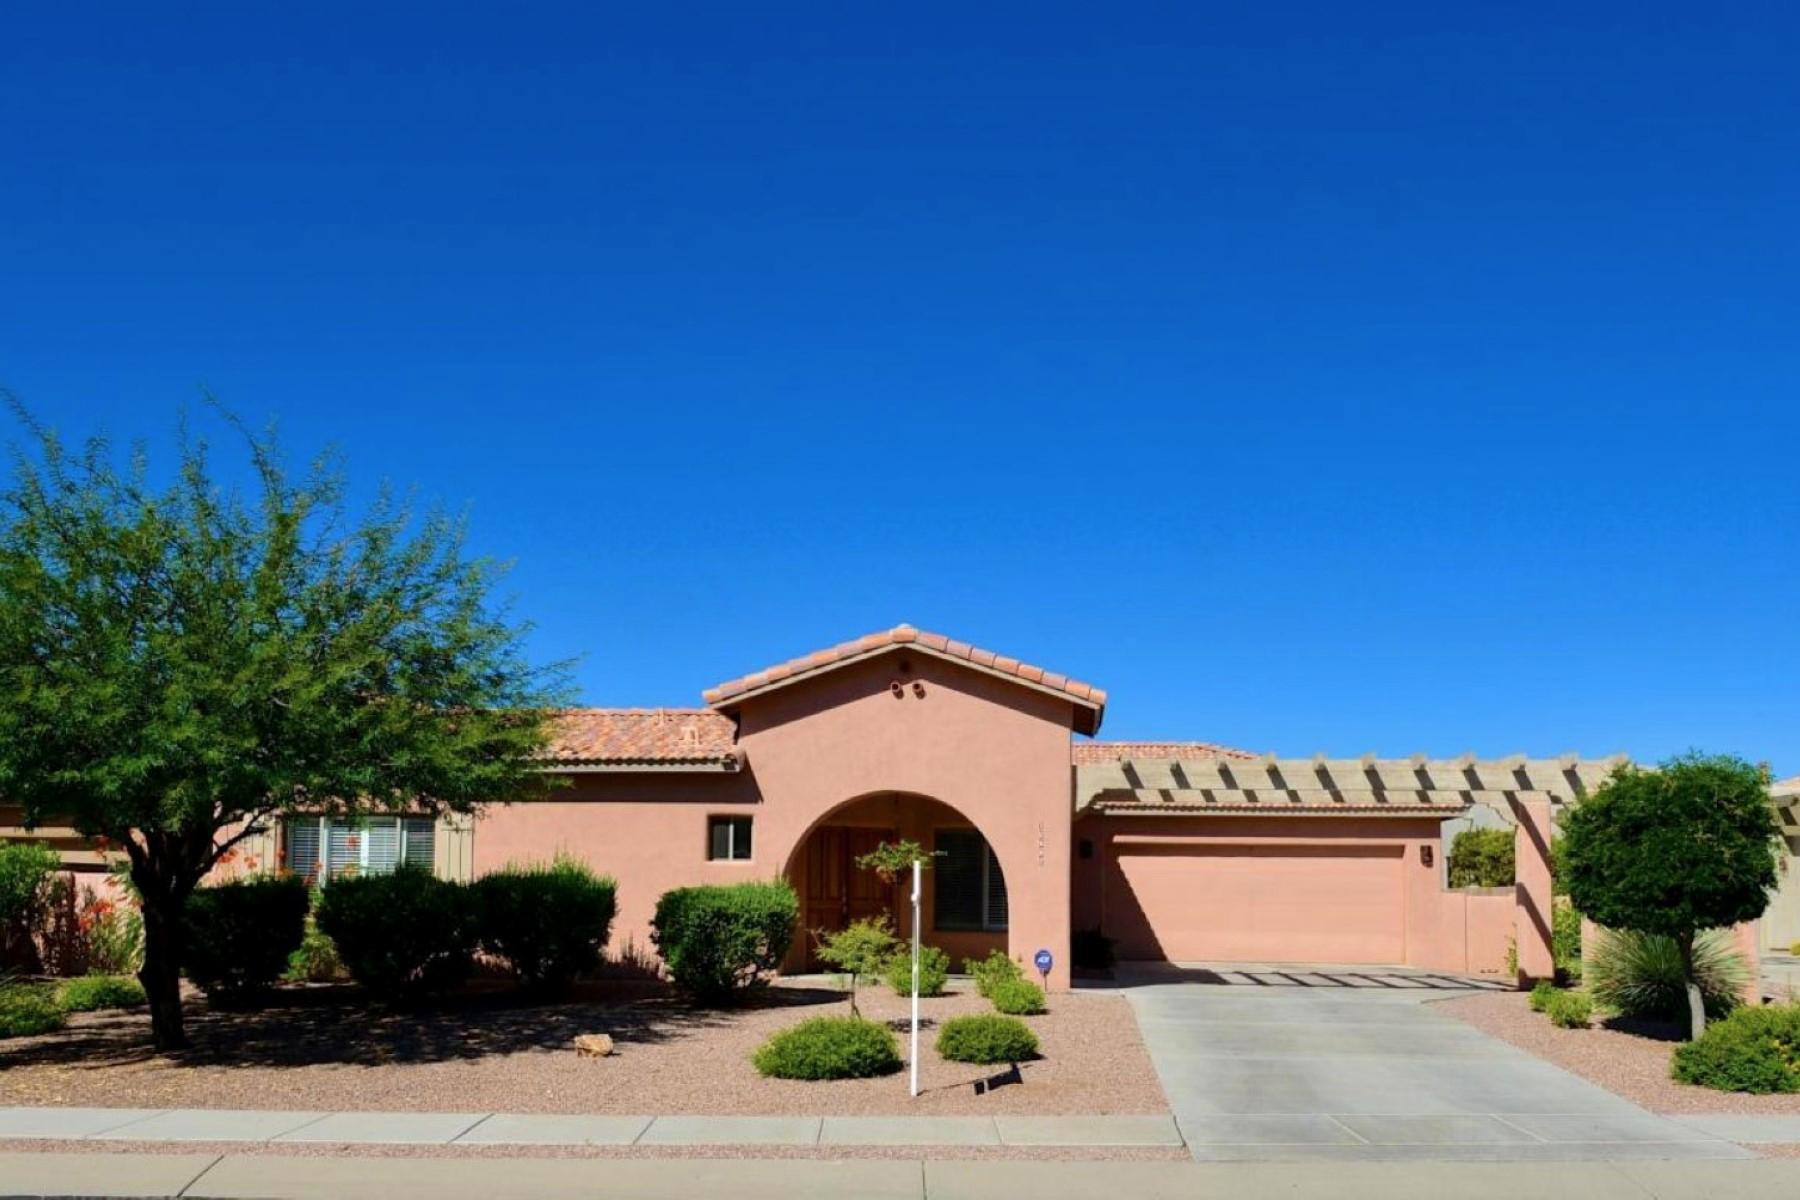 Moradia para Venda às Fabulous Casual Contemporary Masonary Stucco Built Home 12887 N Eagleview Drive Oro Valley, Arizona 85755 Estados Unidos